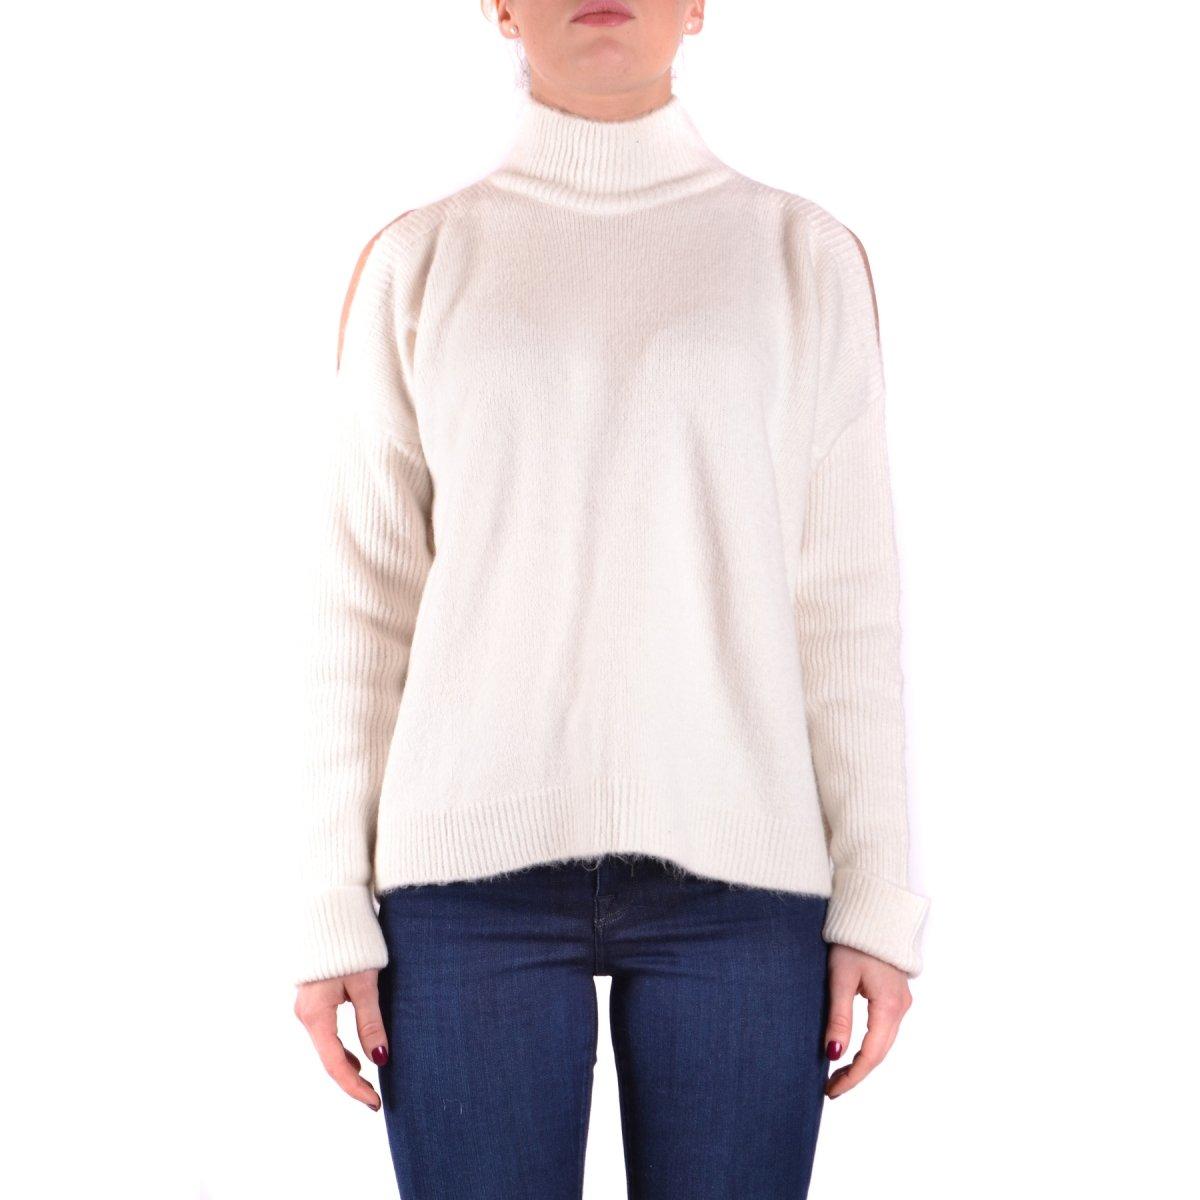 LIVV Sweater